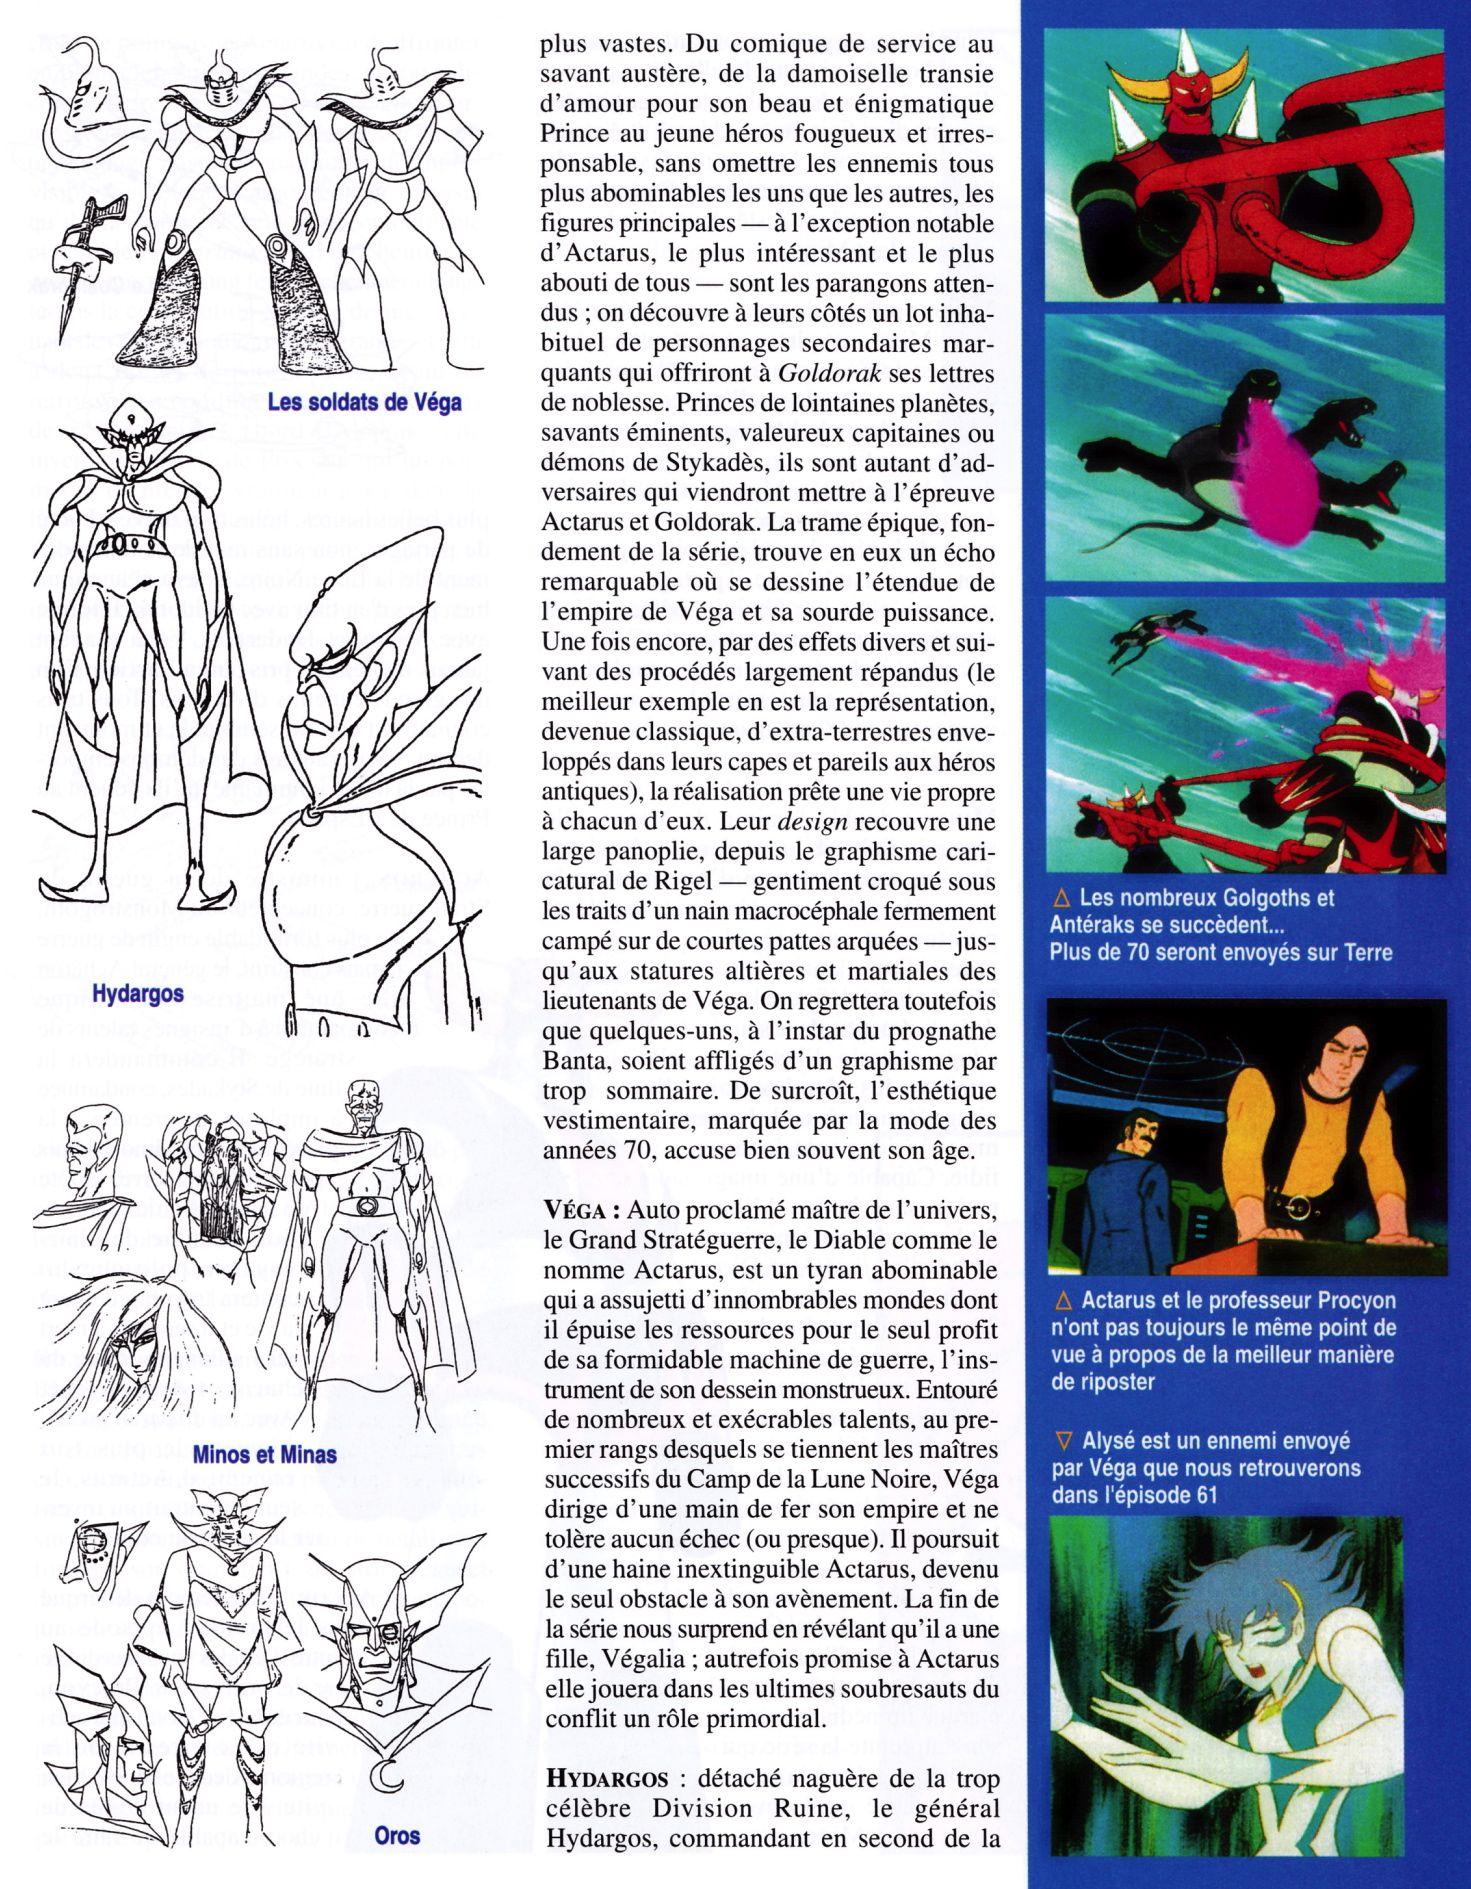 http://grenierdelatv.free.fr/2/goldorakalhs1997h.jpg